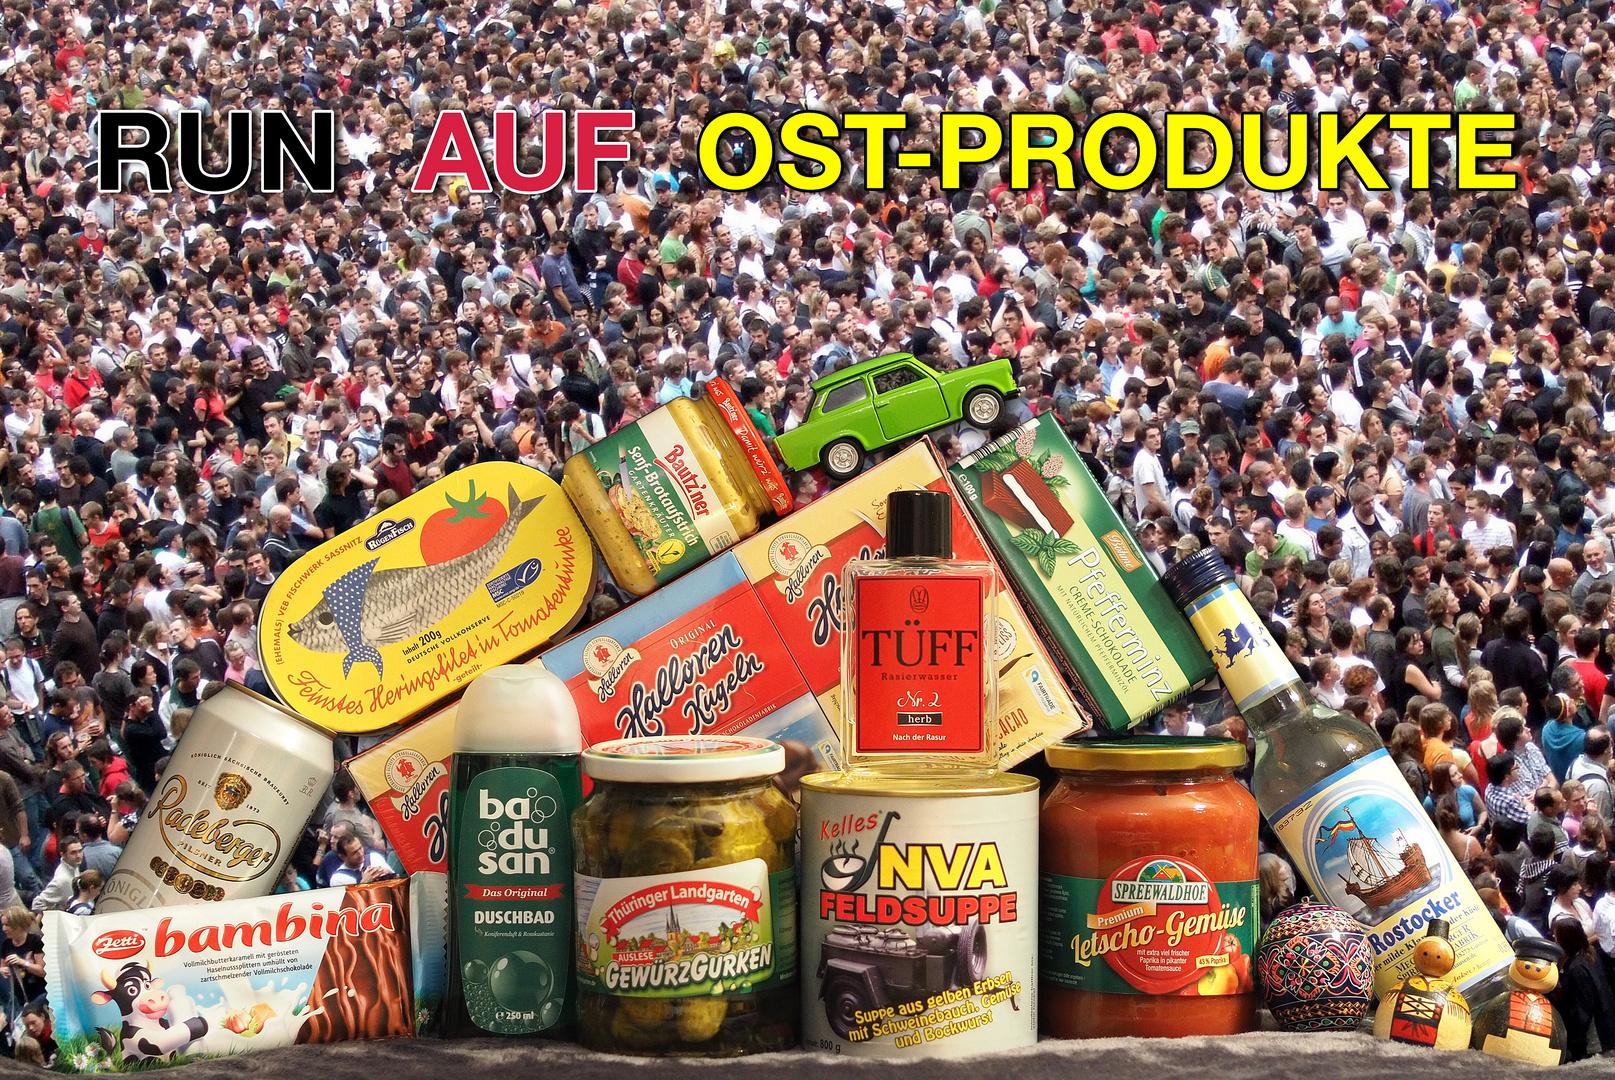 Run auf Ost-Produkte